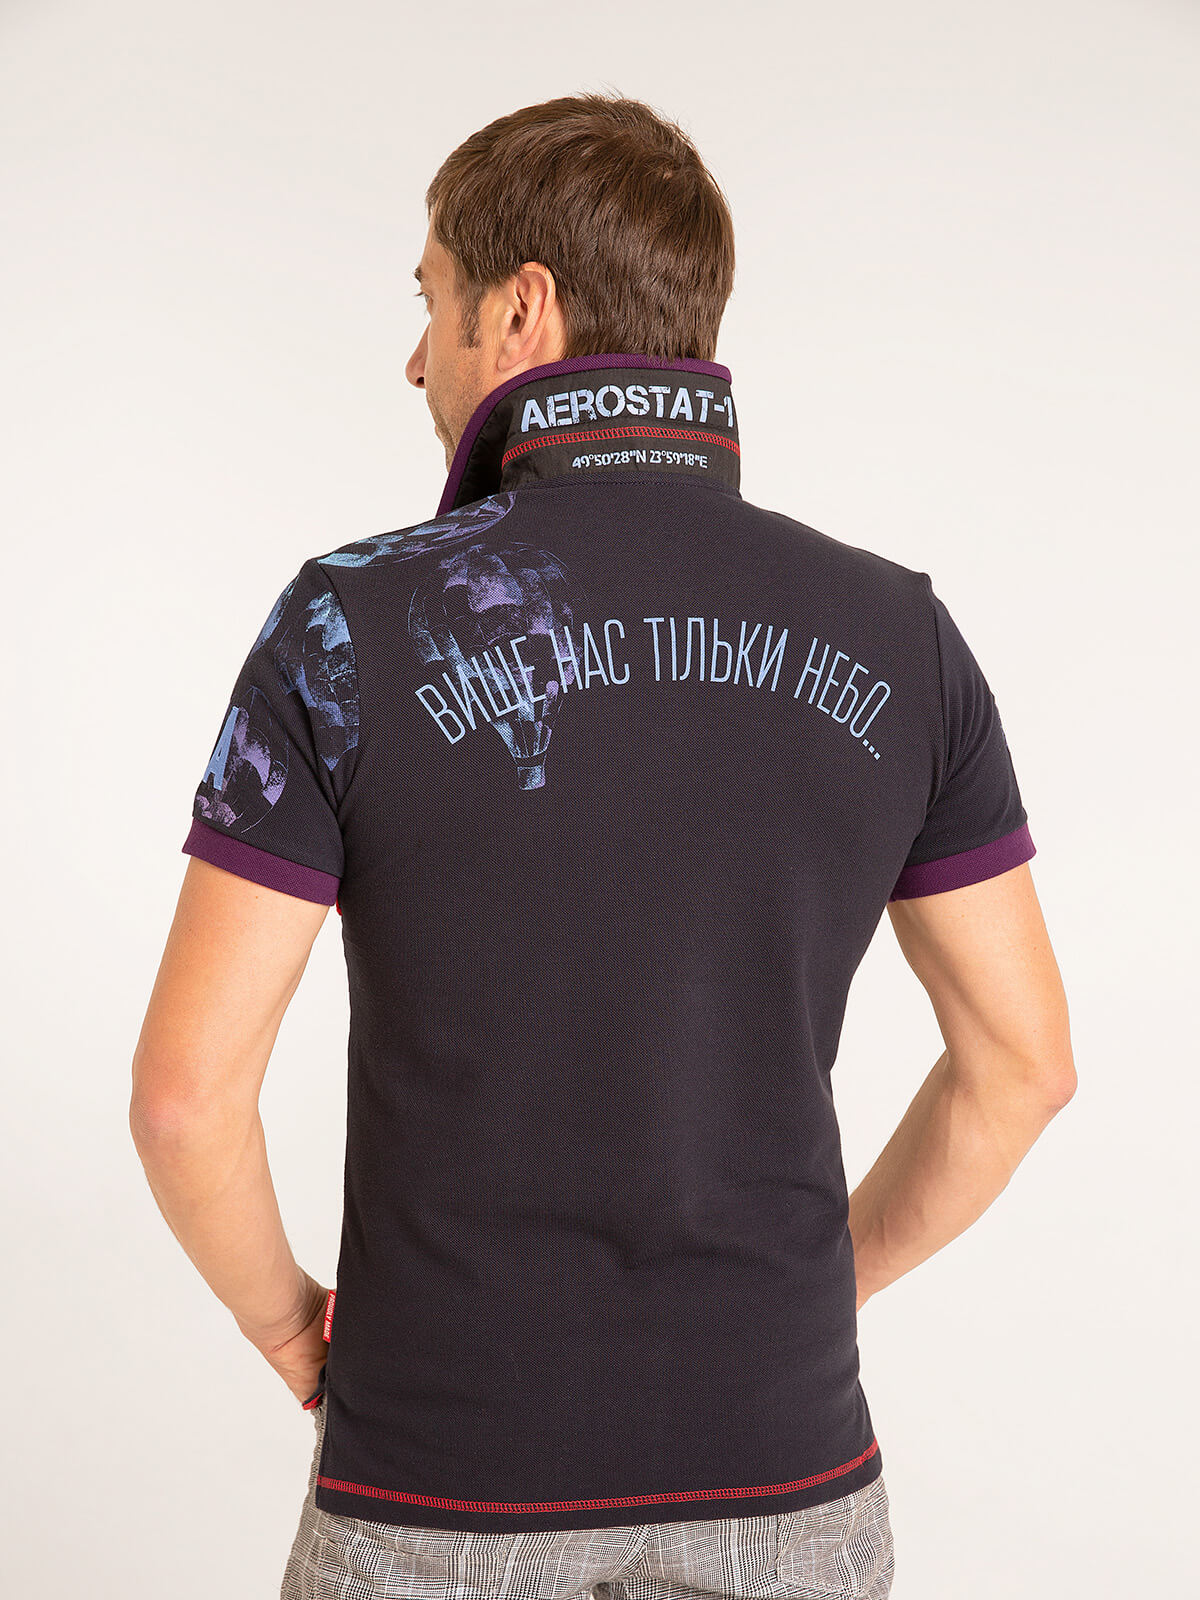 Men's Polo Shirt Balloon. Color dark blue.  Technique of prints applied: embroidery, silkscreen printing.